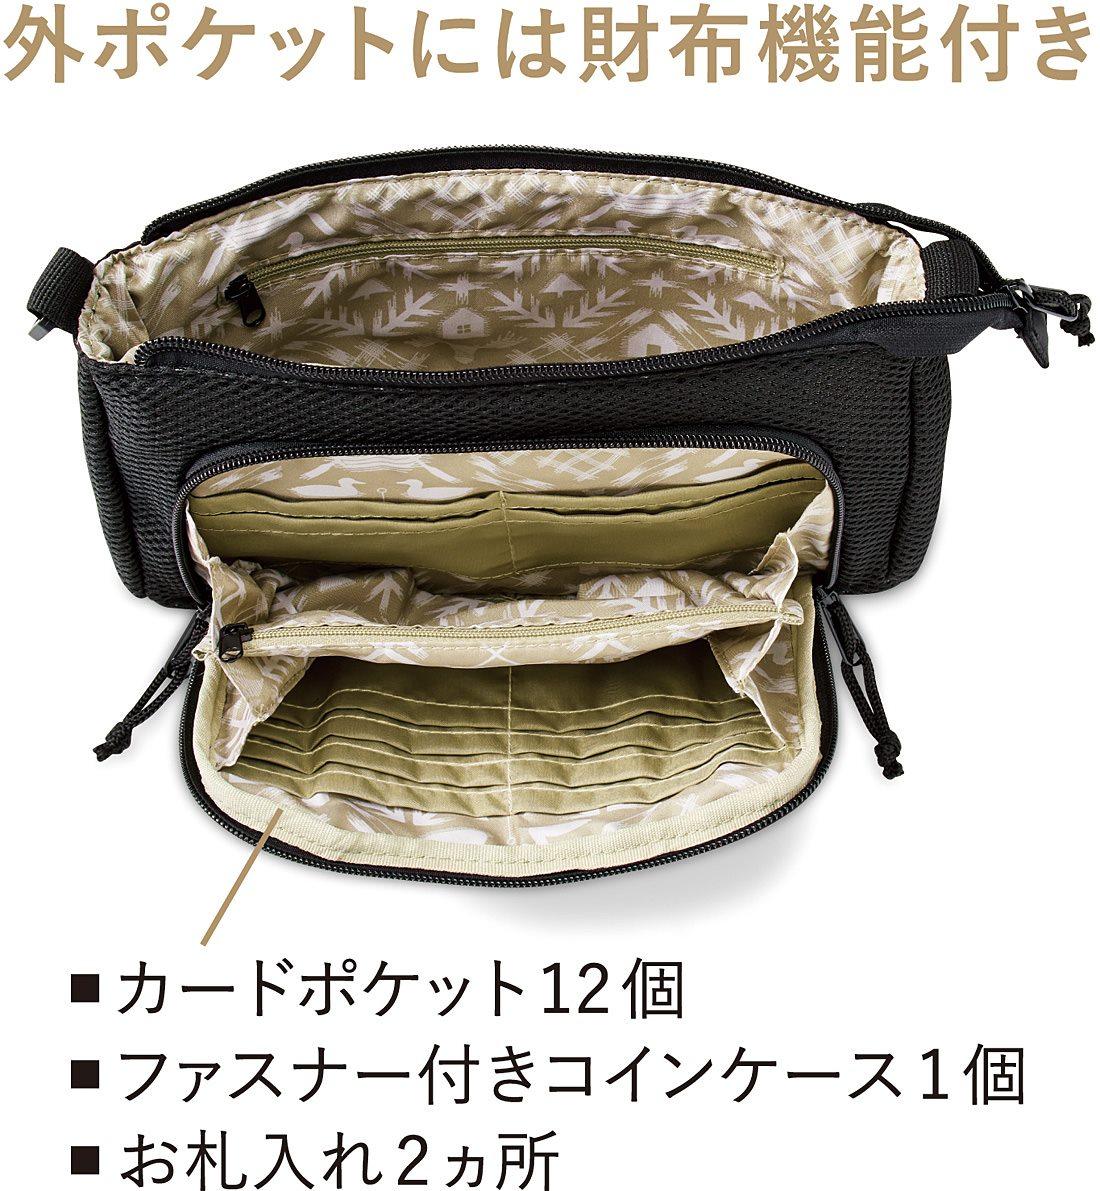 Kraso[クラソ] SAANA JA OLLI サーナ ヤ オッリ 財布も兼ね備えたクッション入りメッシュショルダーバッグの会